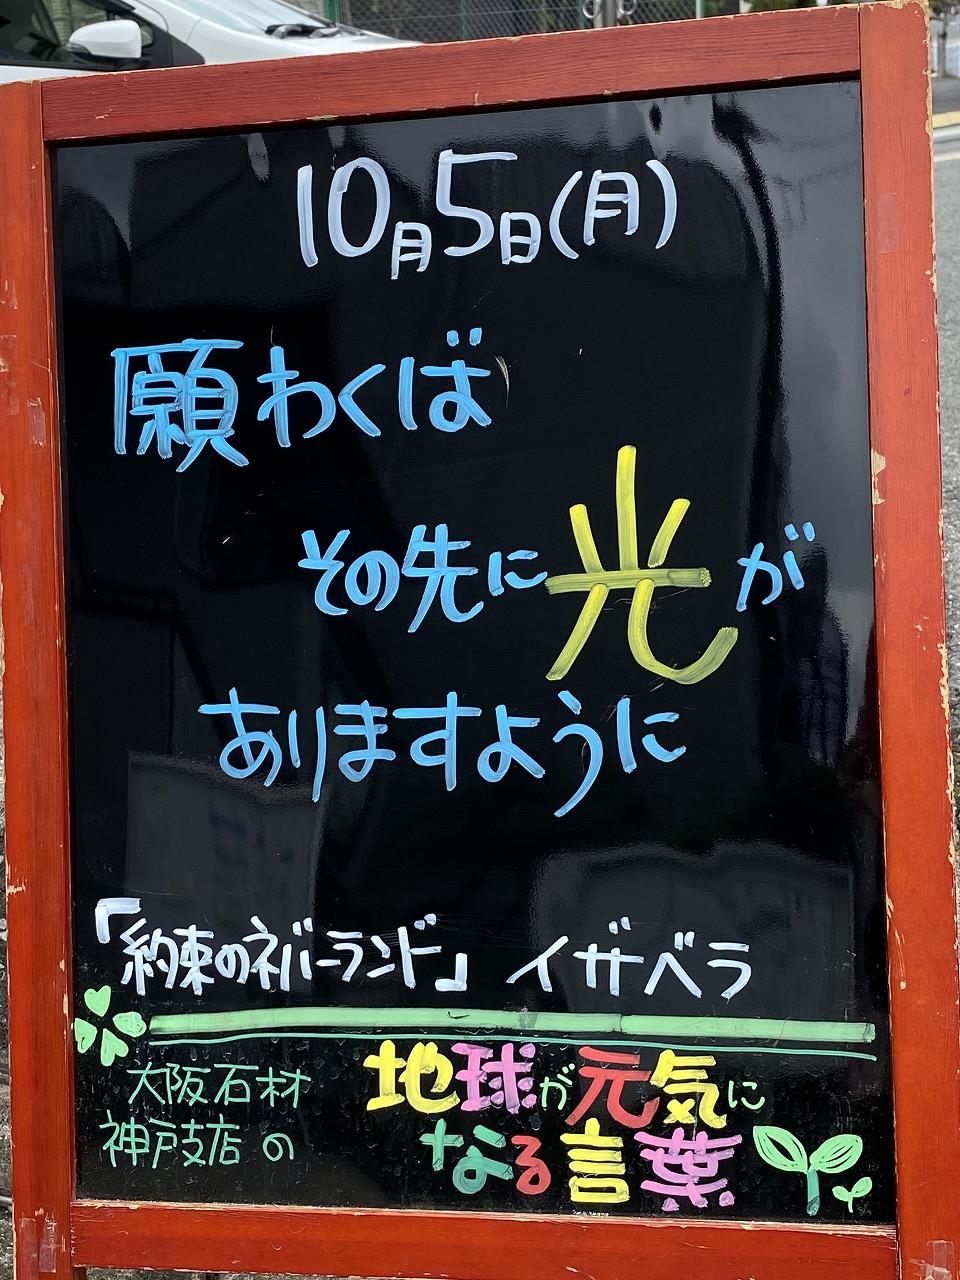 神戸の墓石店「地球が元気になる言葉」の写真 2020年10月5日